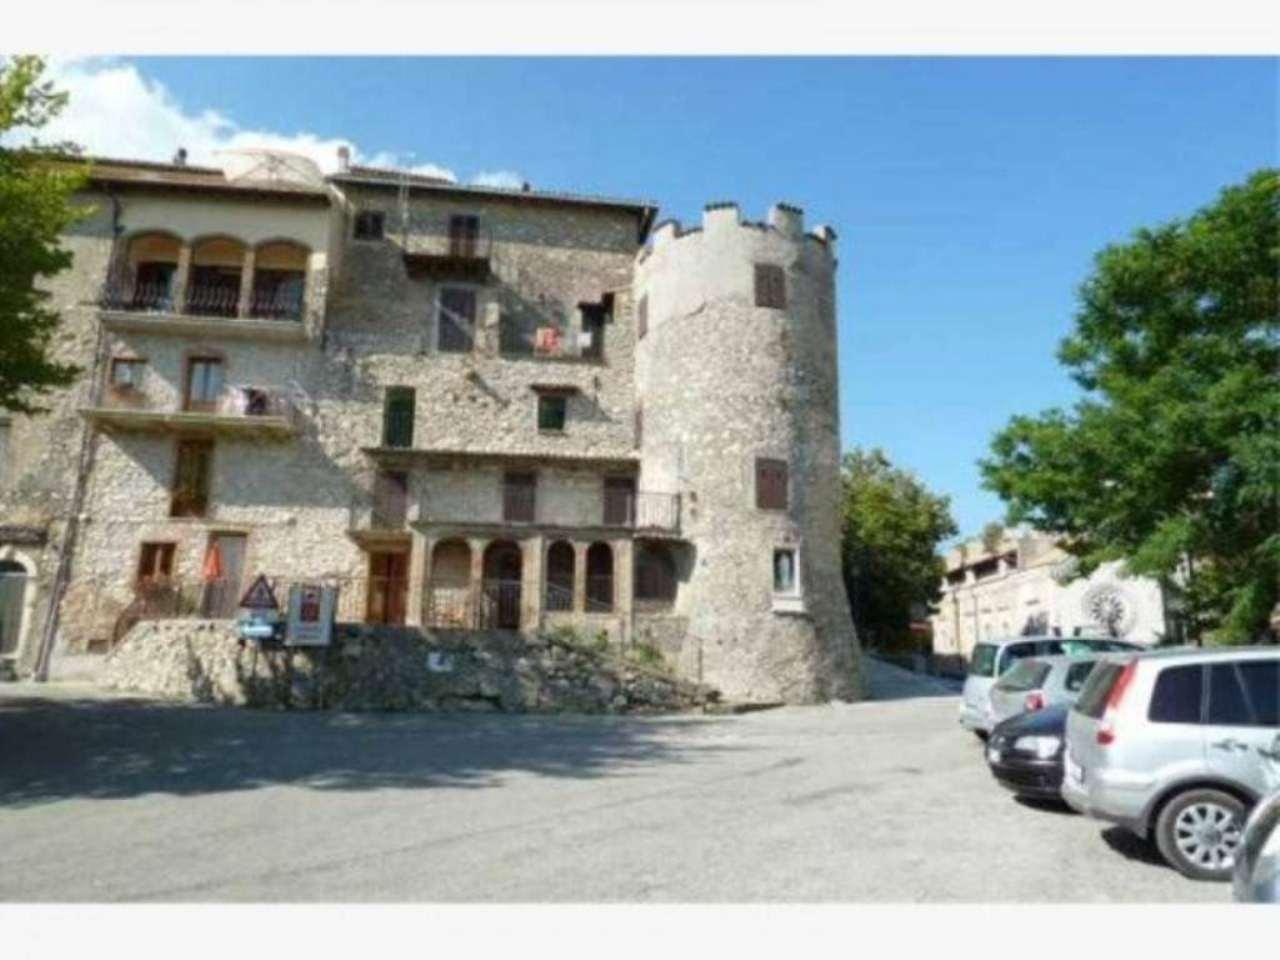 Palazzo / Stabile in vendita a Collalto Sabino, 6 locali, prezzo € 180.000 | Cambio Casa.it